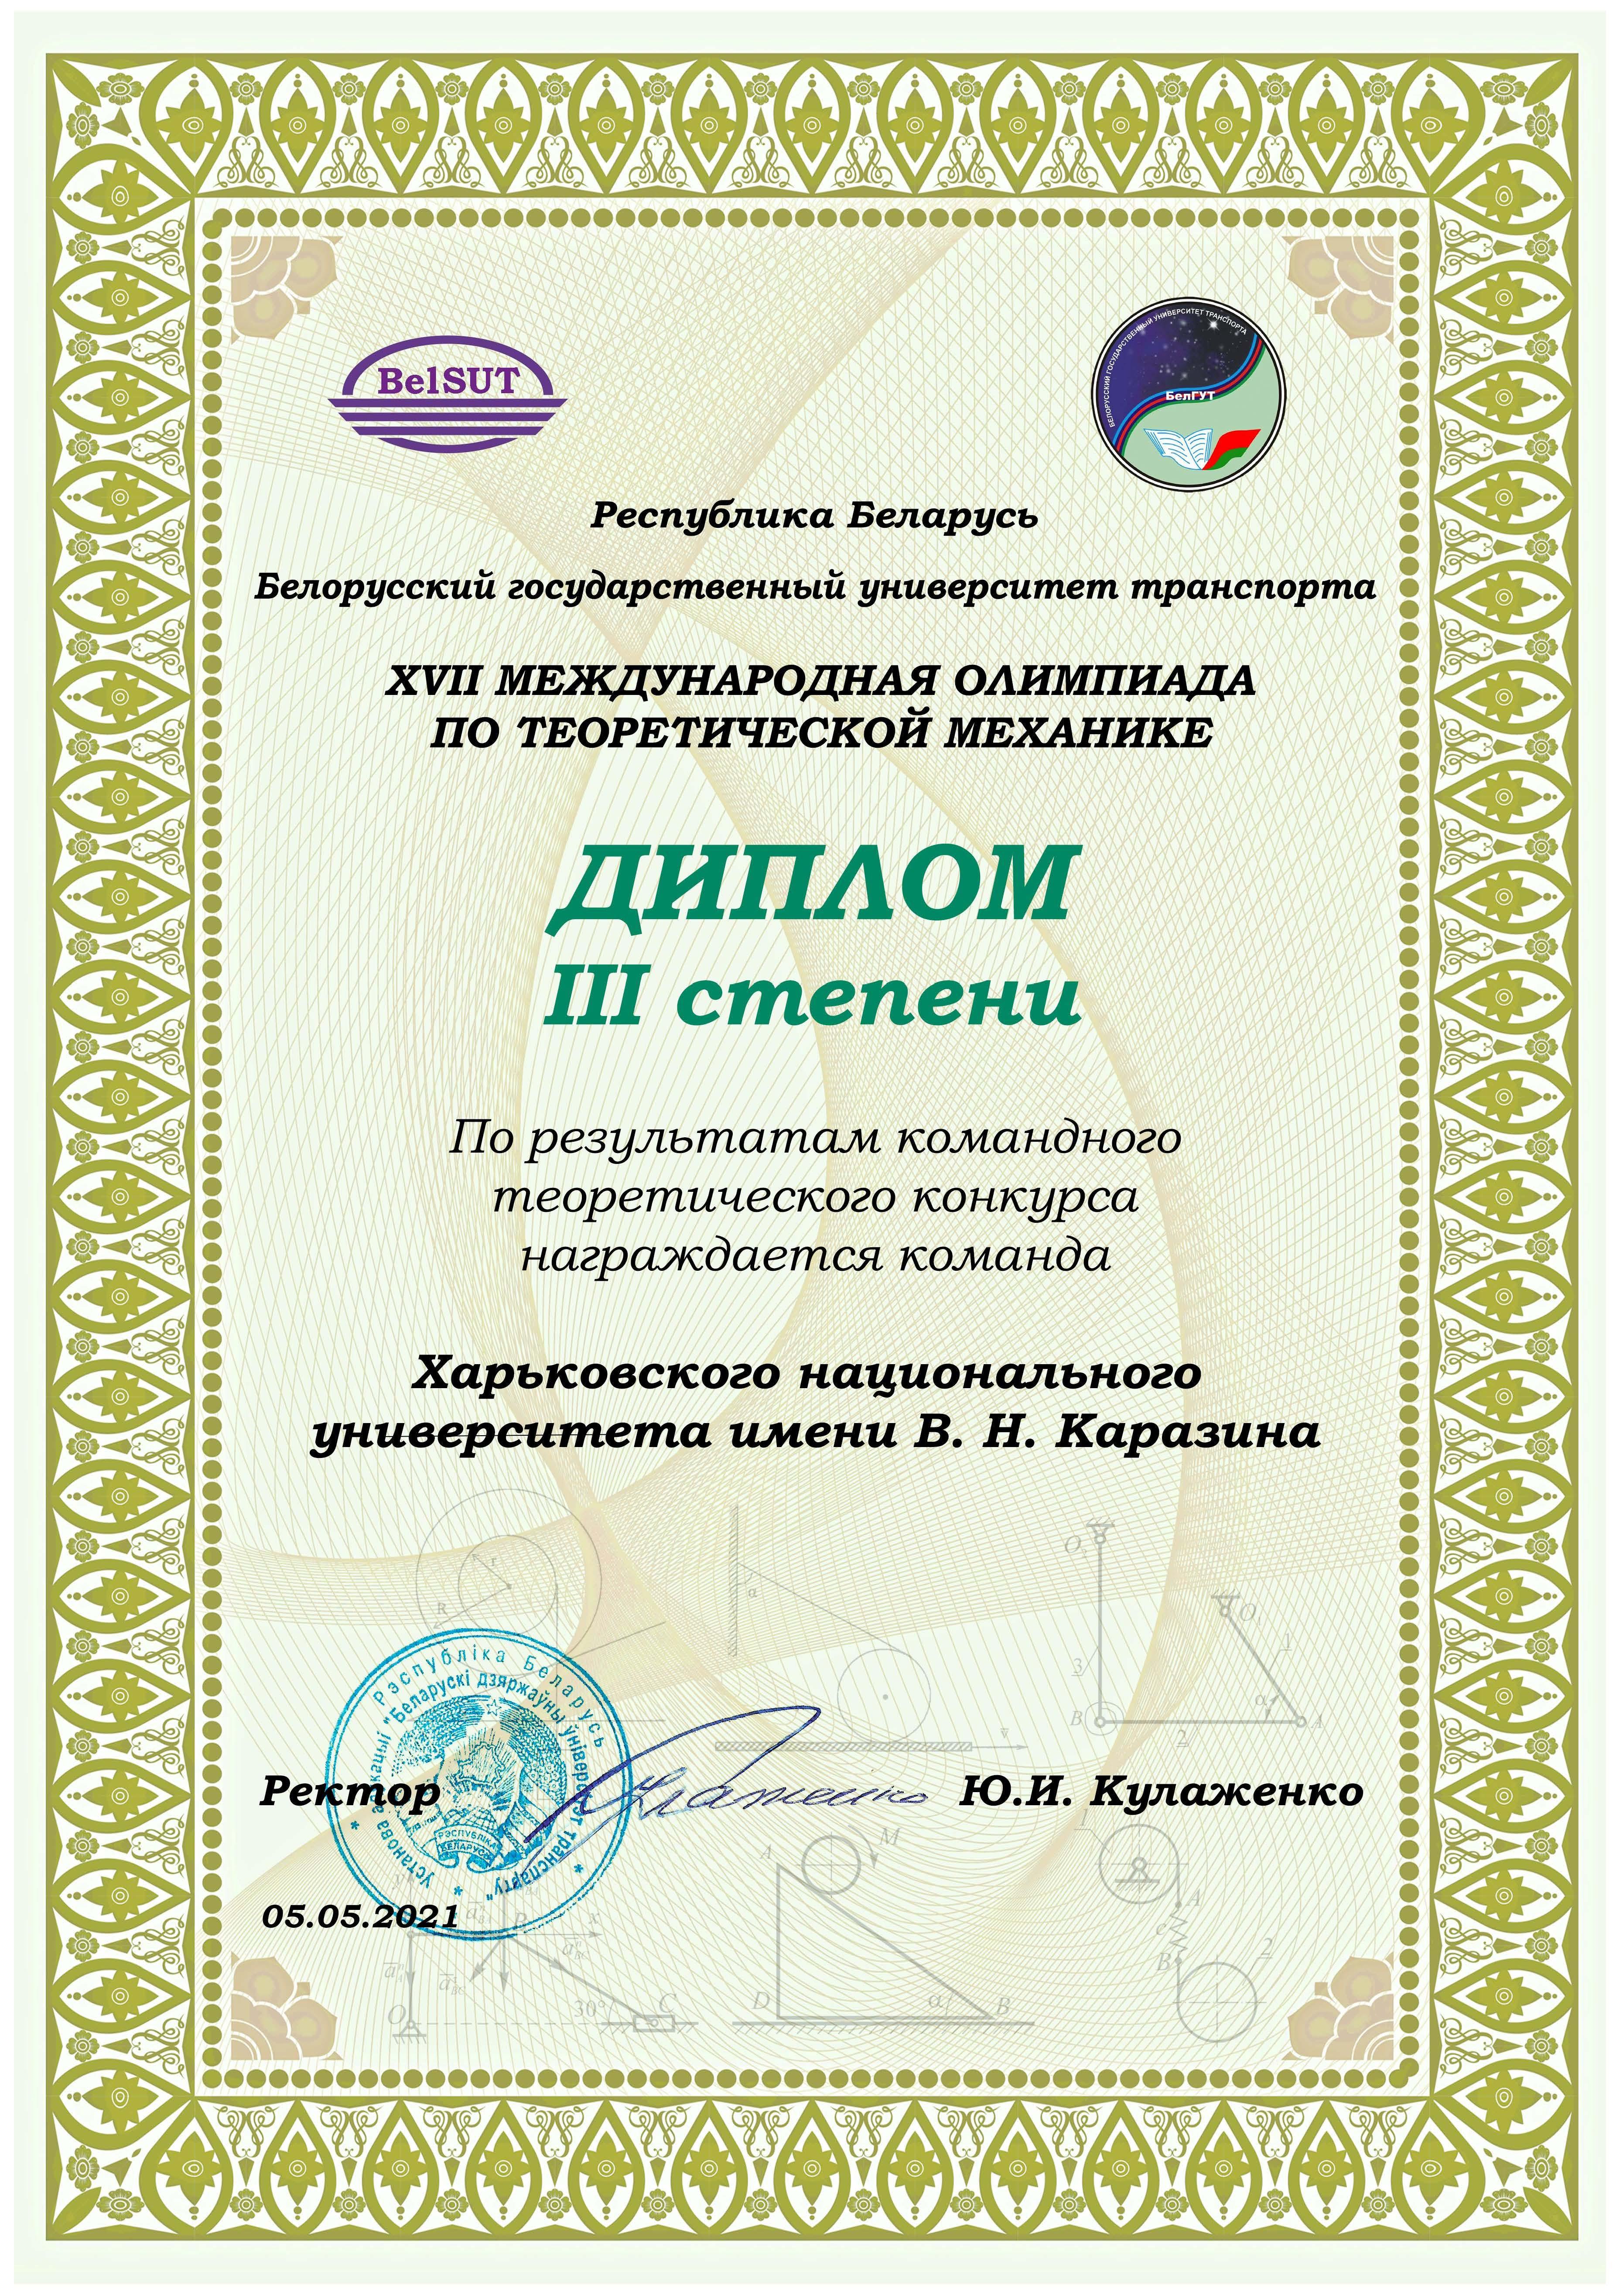 Вітаймо команду Каразінського університету!!!